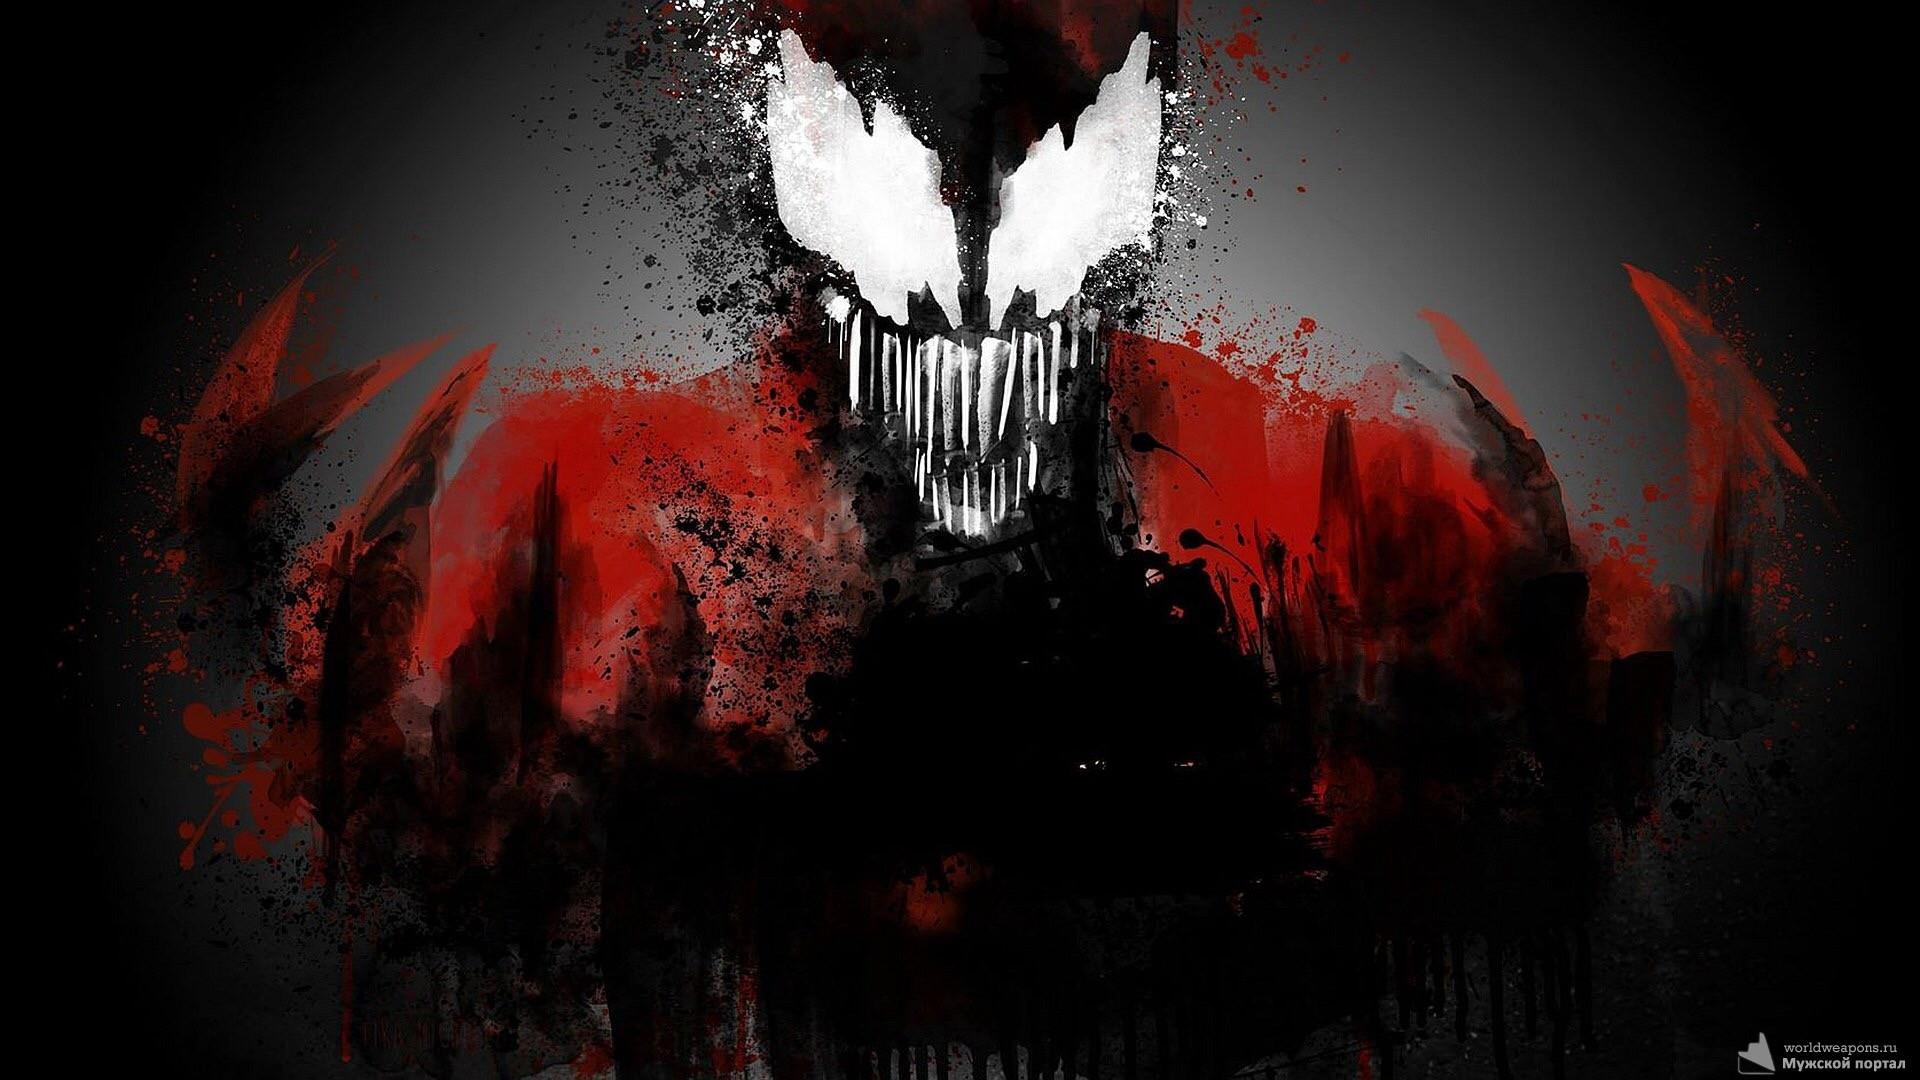 Крутой арт, черный, красный, злой.